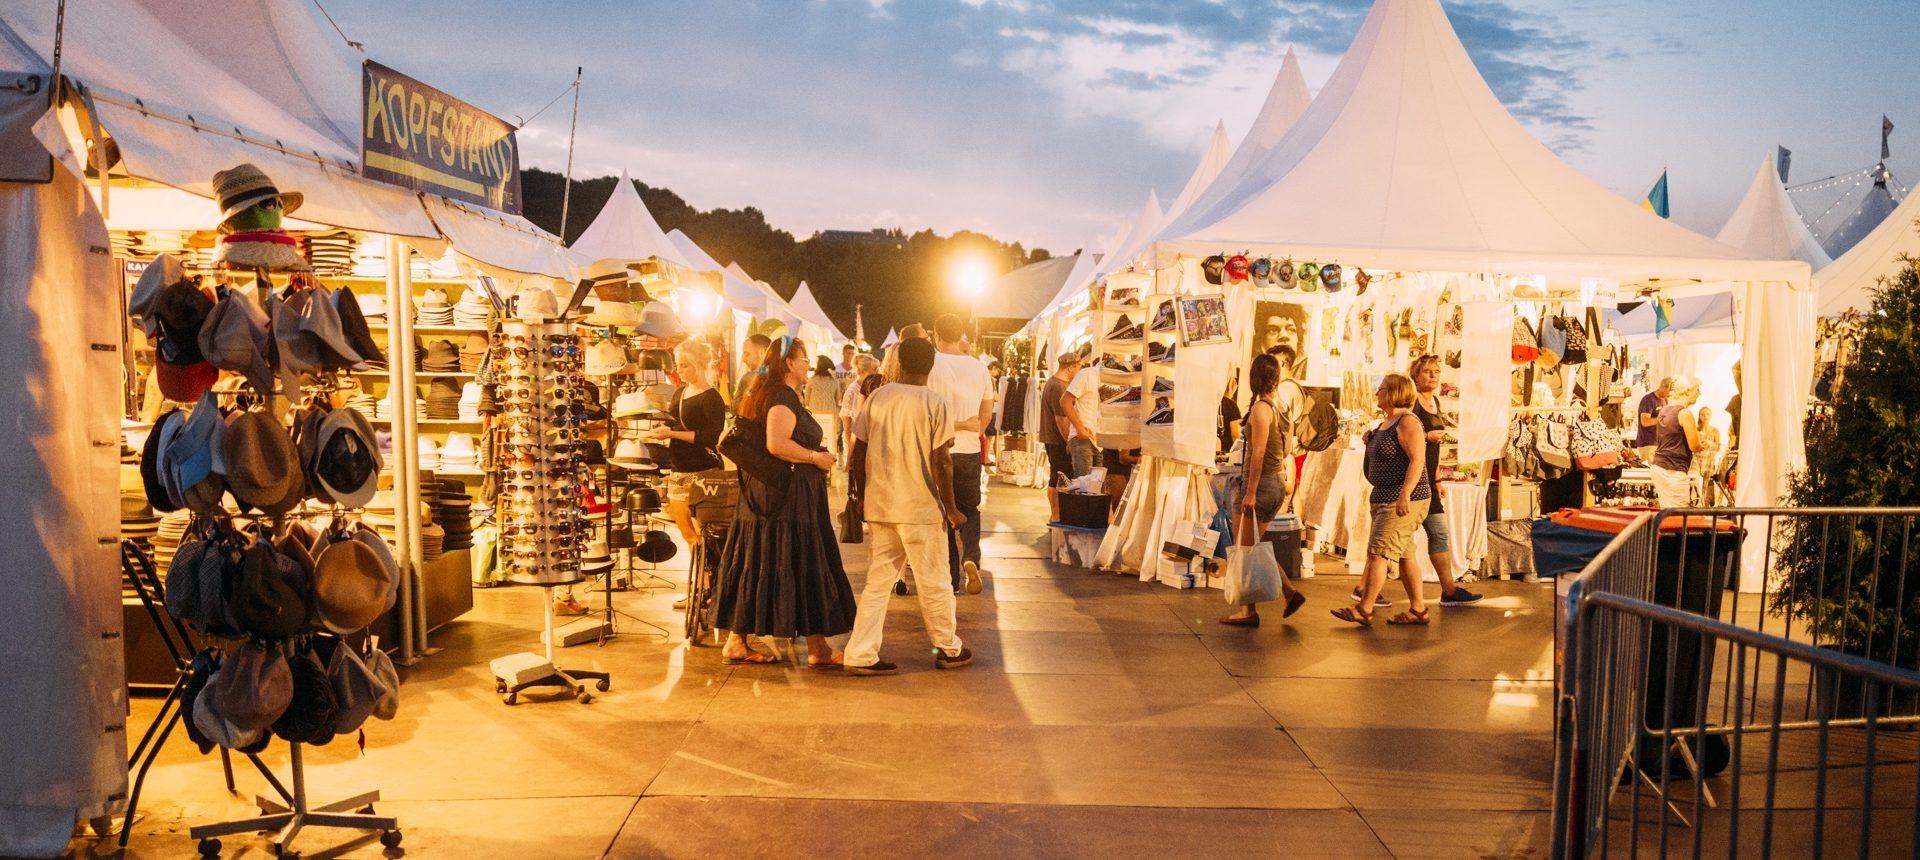 Das Bild zeigt den Markt der Möglichkeiten auf dem Zeltfestival Ruhr in der Dämmerung